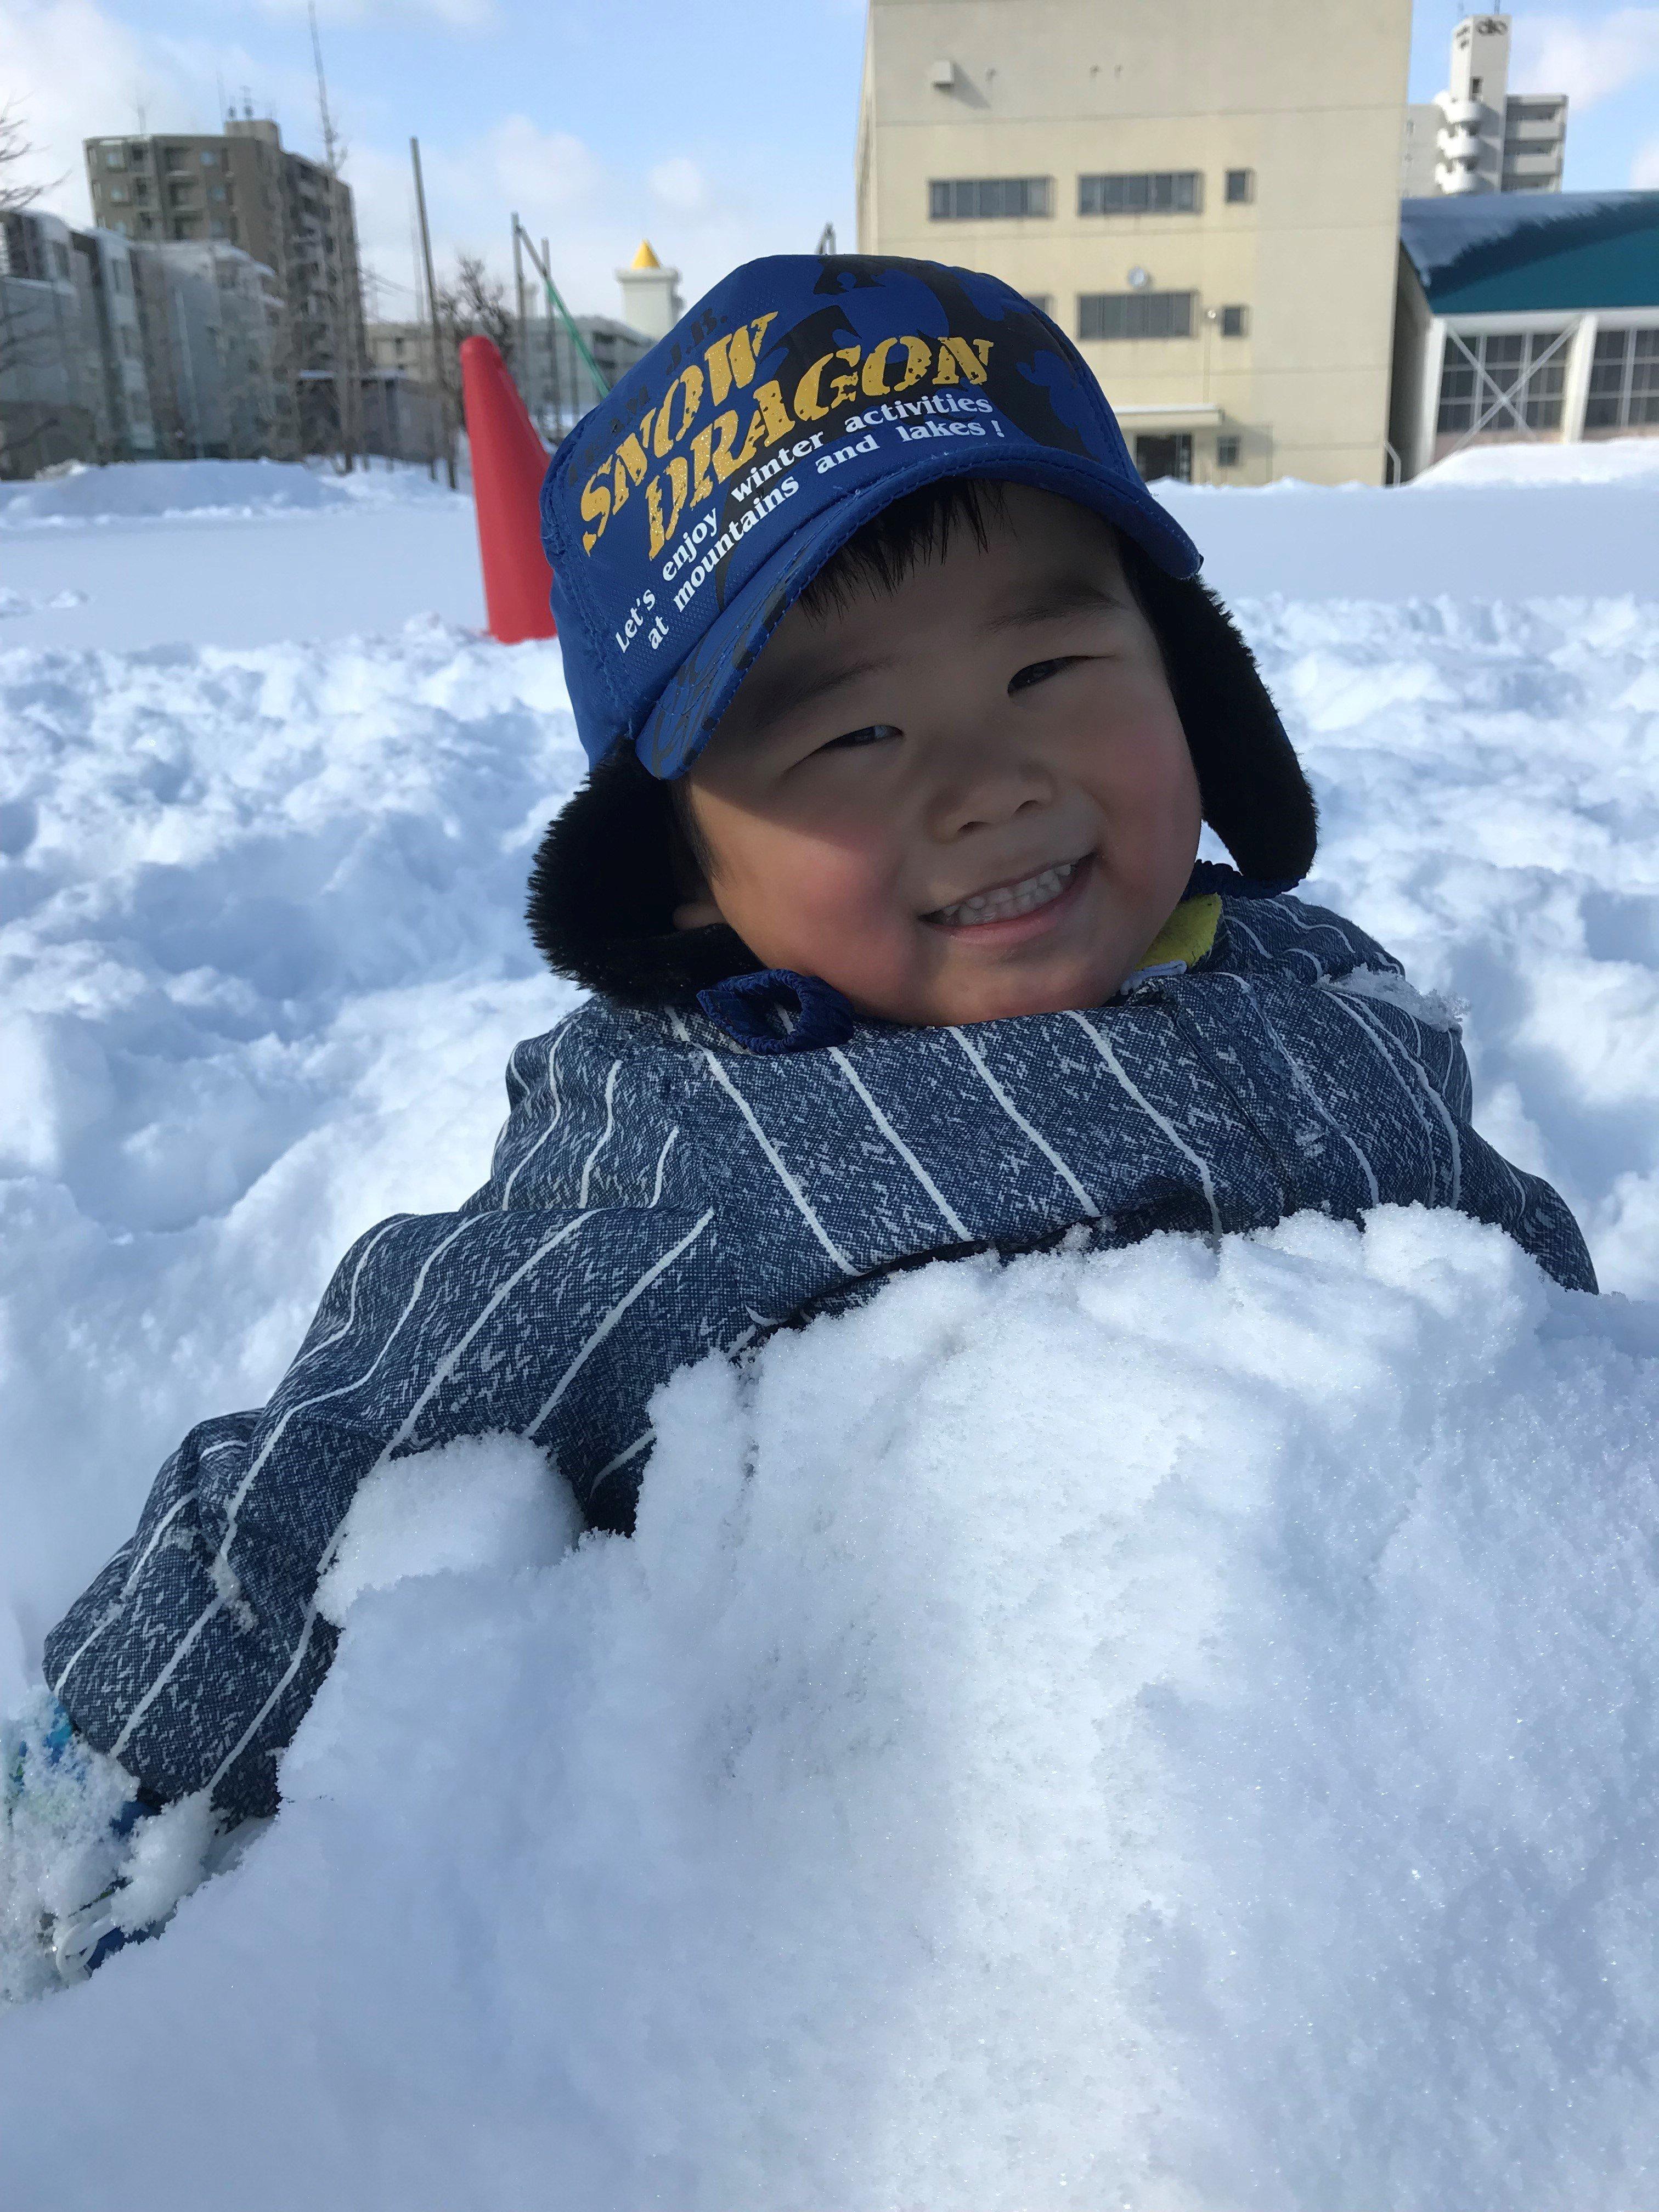 ダイナミックな雪遊び